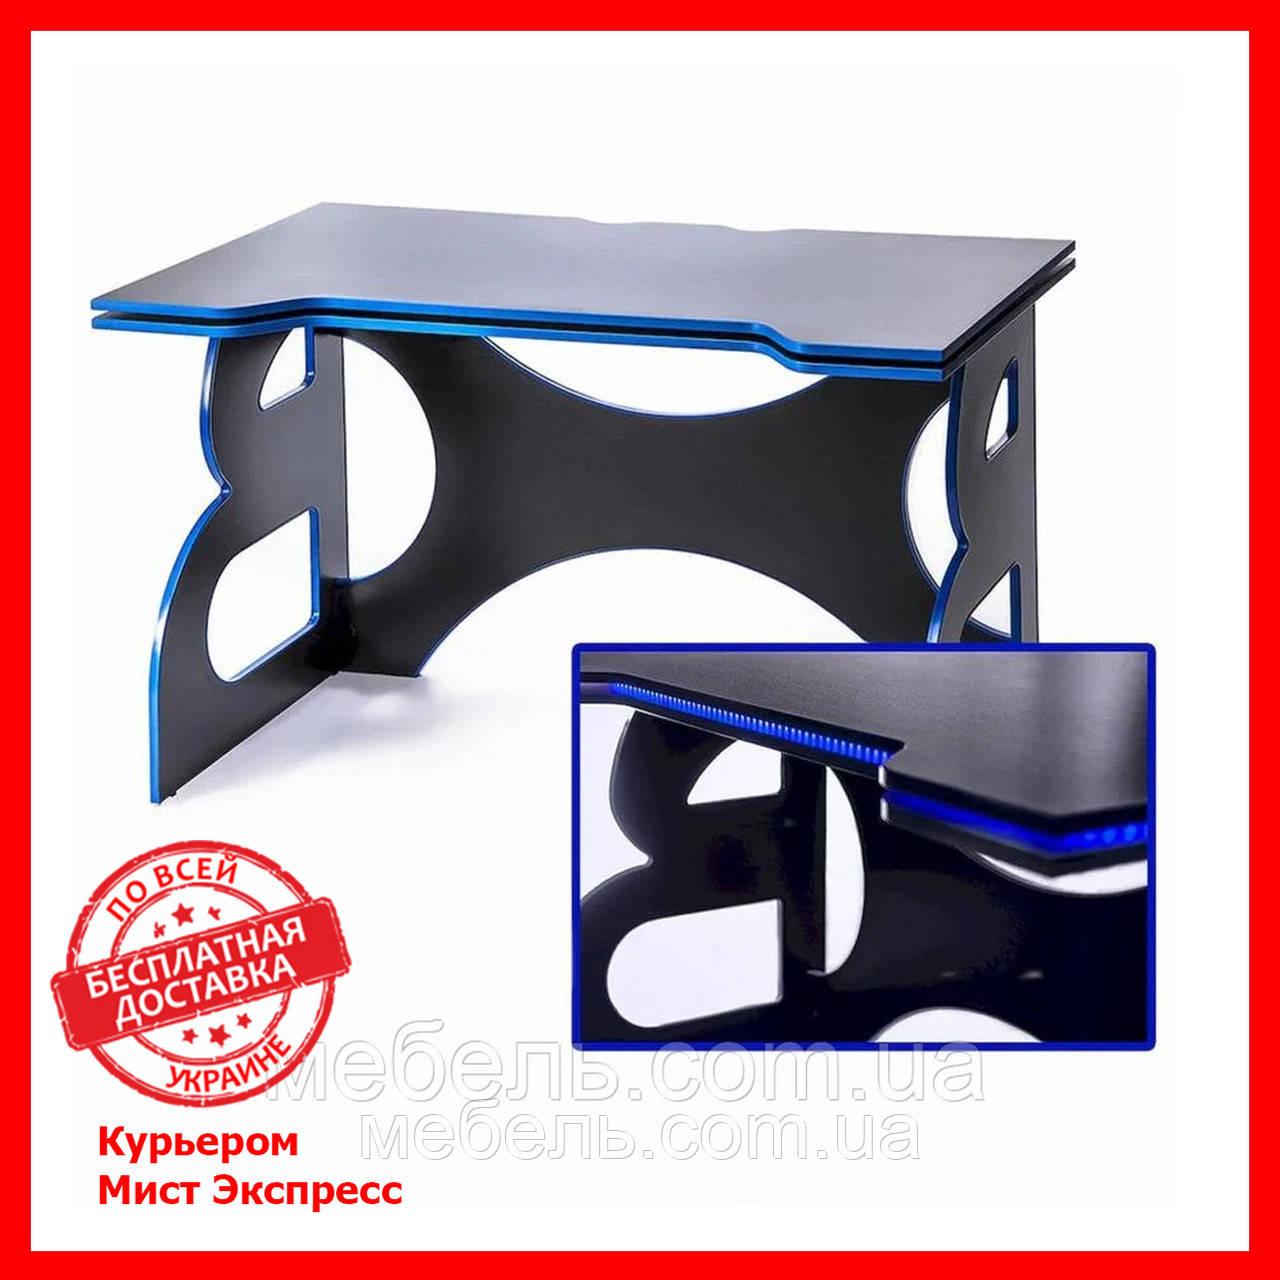 Компьютерный стол Barsky Homework Game Blue HG-04 с полкой HG-04 LED /ПК-01 1400*700